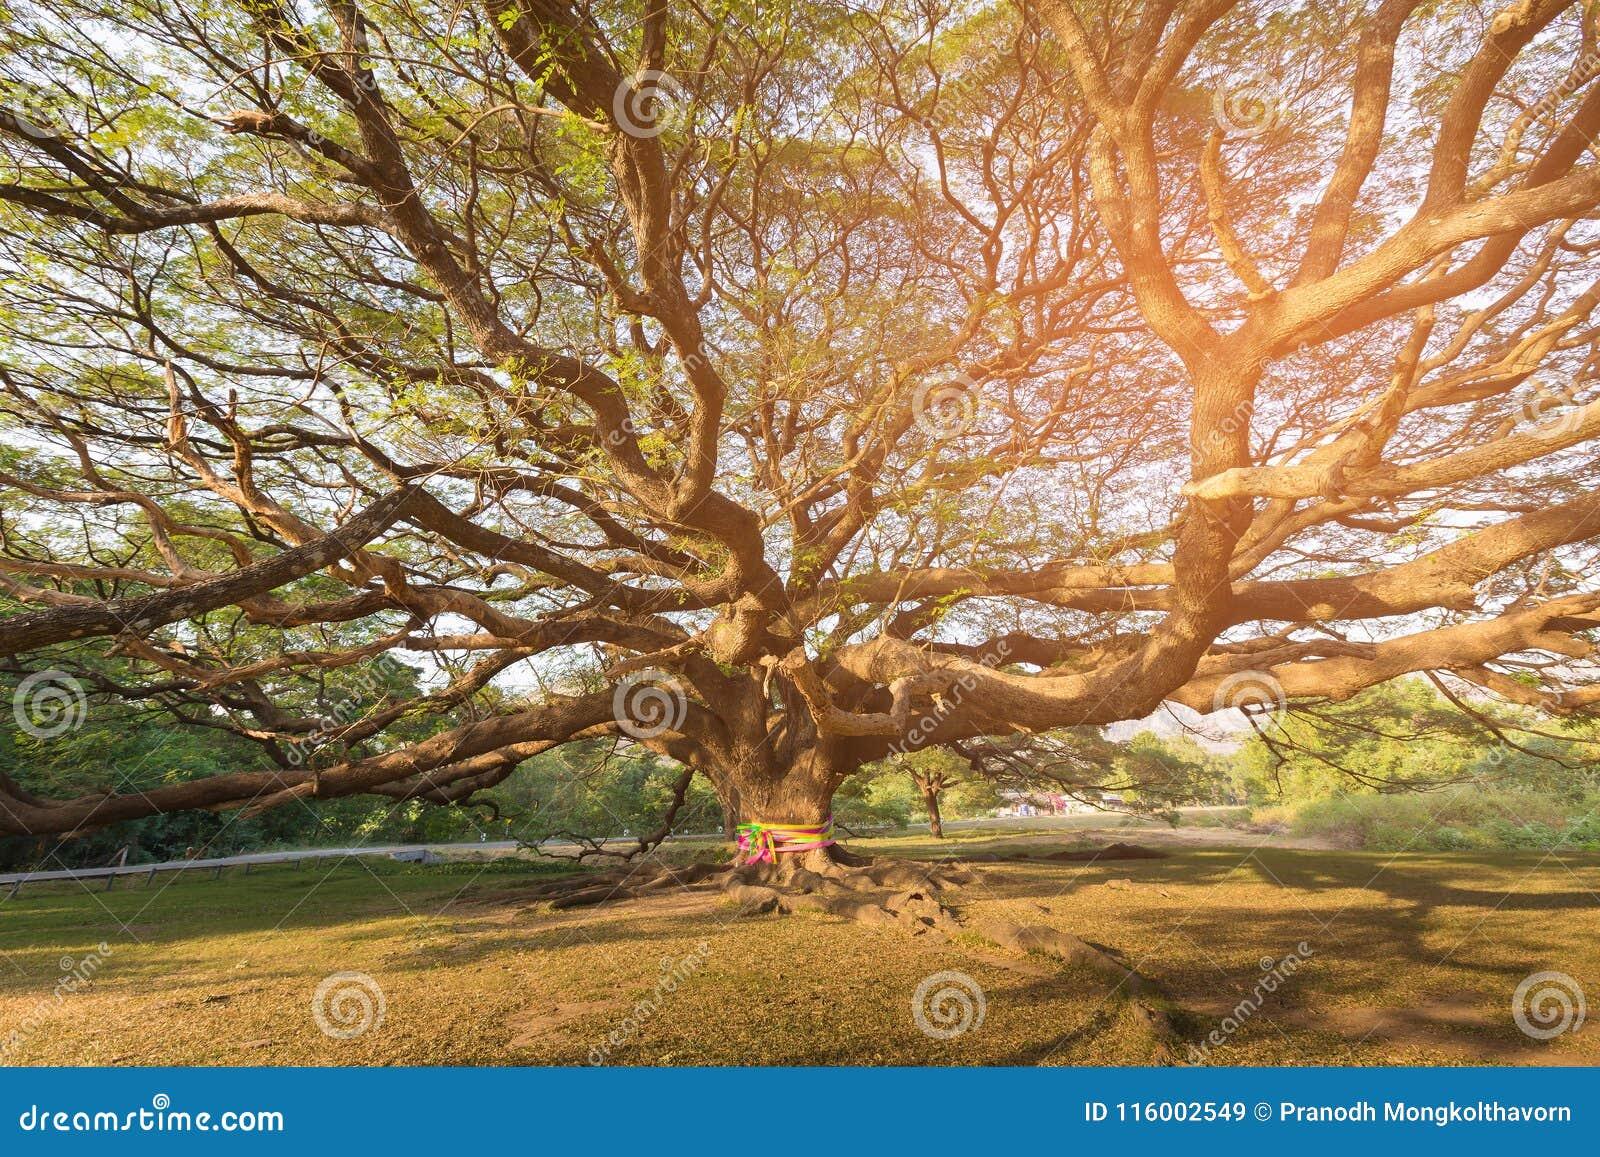 Arbre géant dans la jungle tropicale Thaïlande de jardin botanique